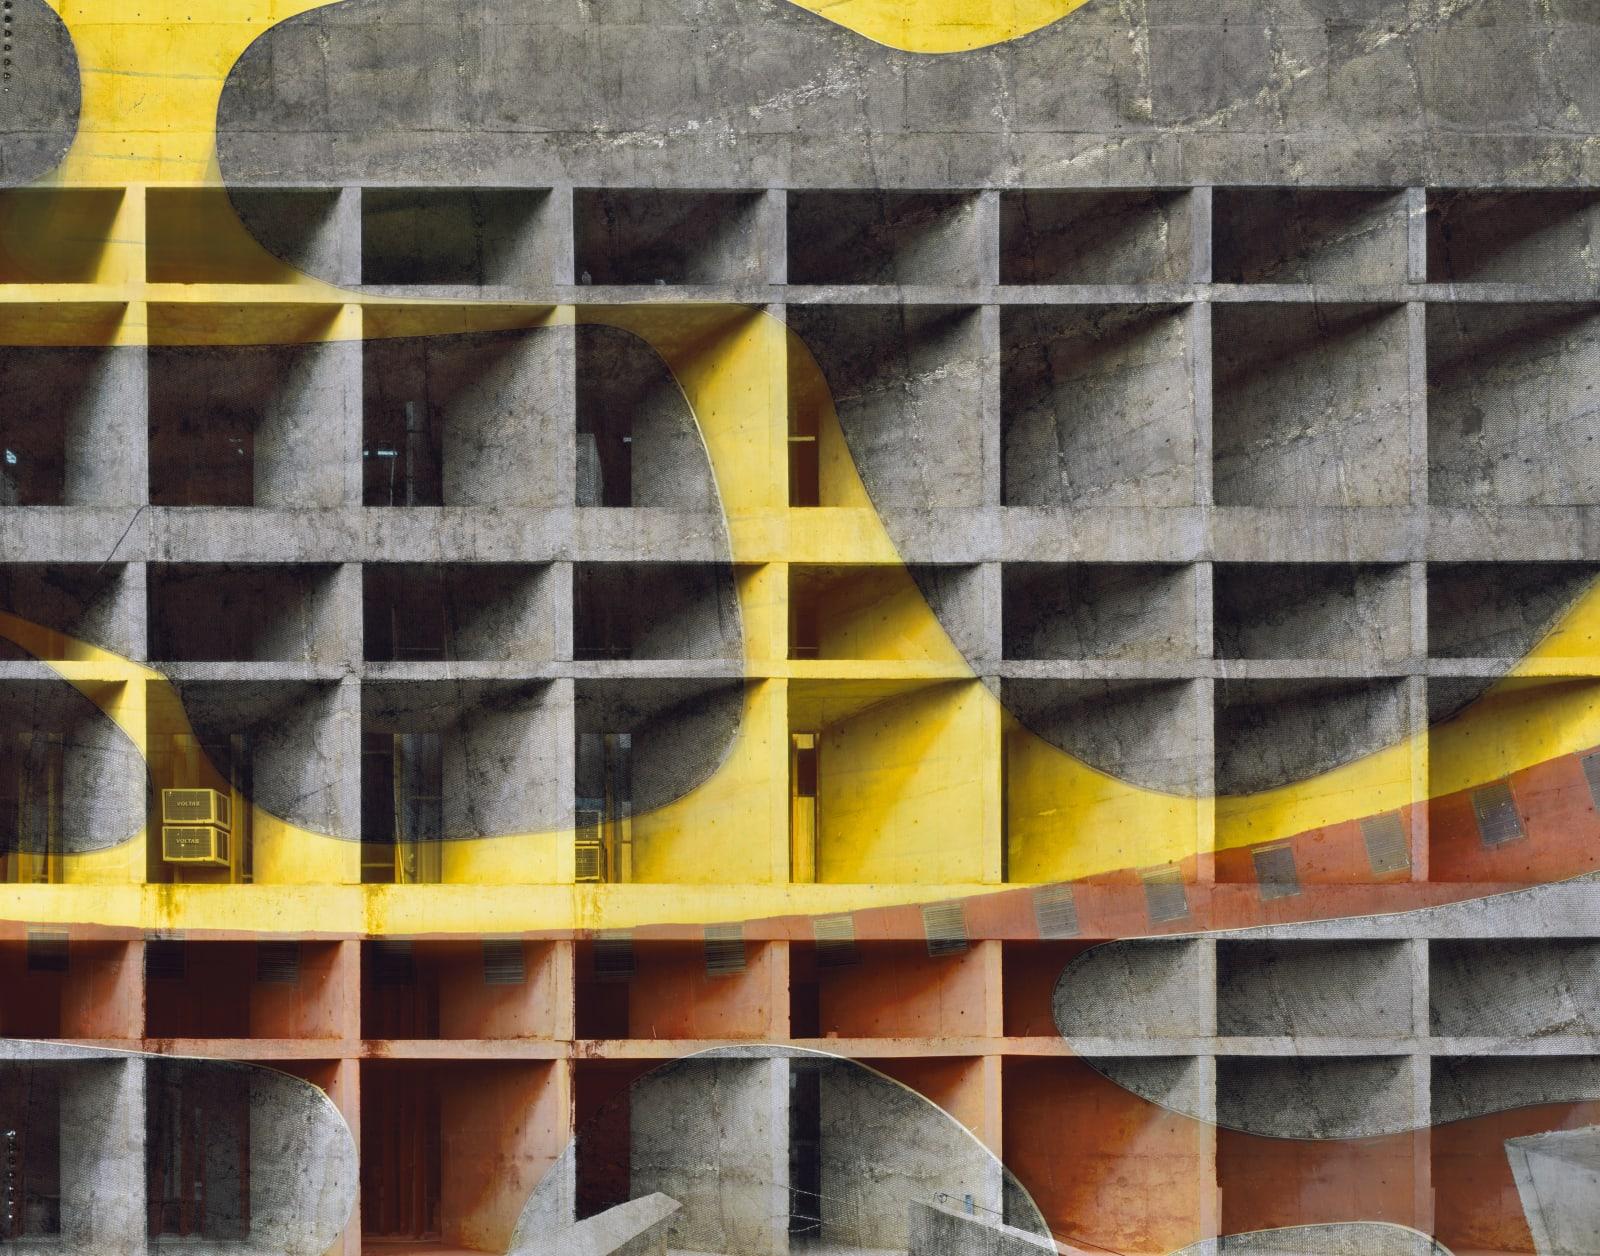 Stéphane Couturier, Chandigarh - Replay - Assemblée #3, 2006 - 2007